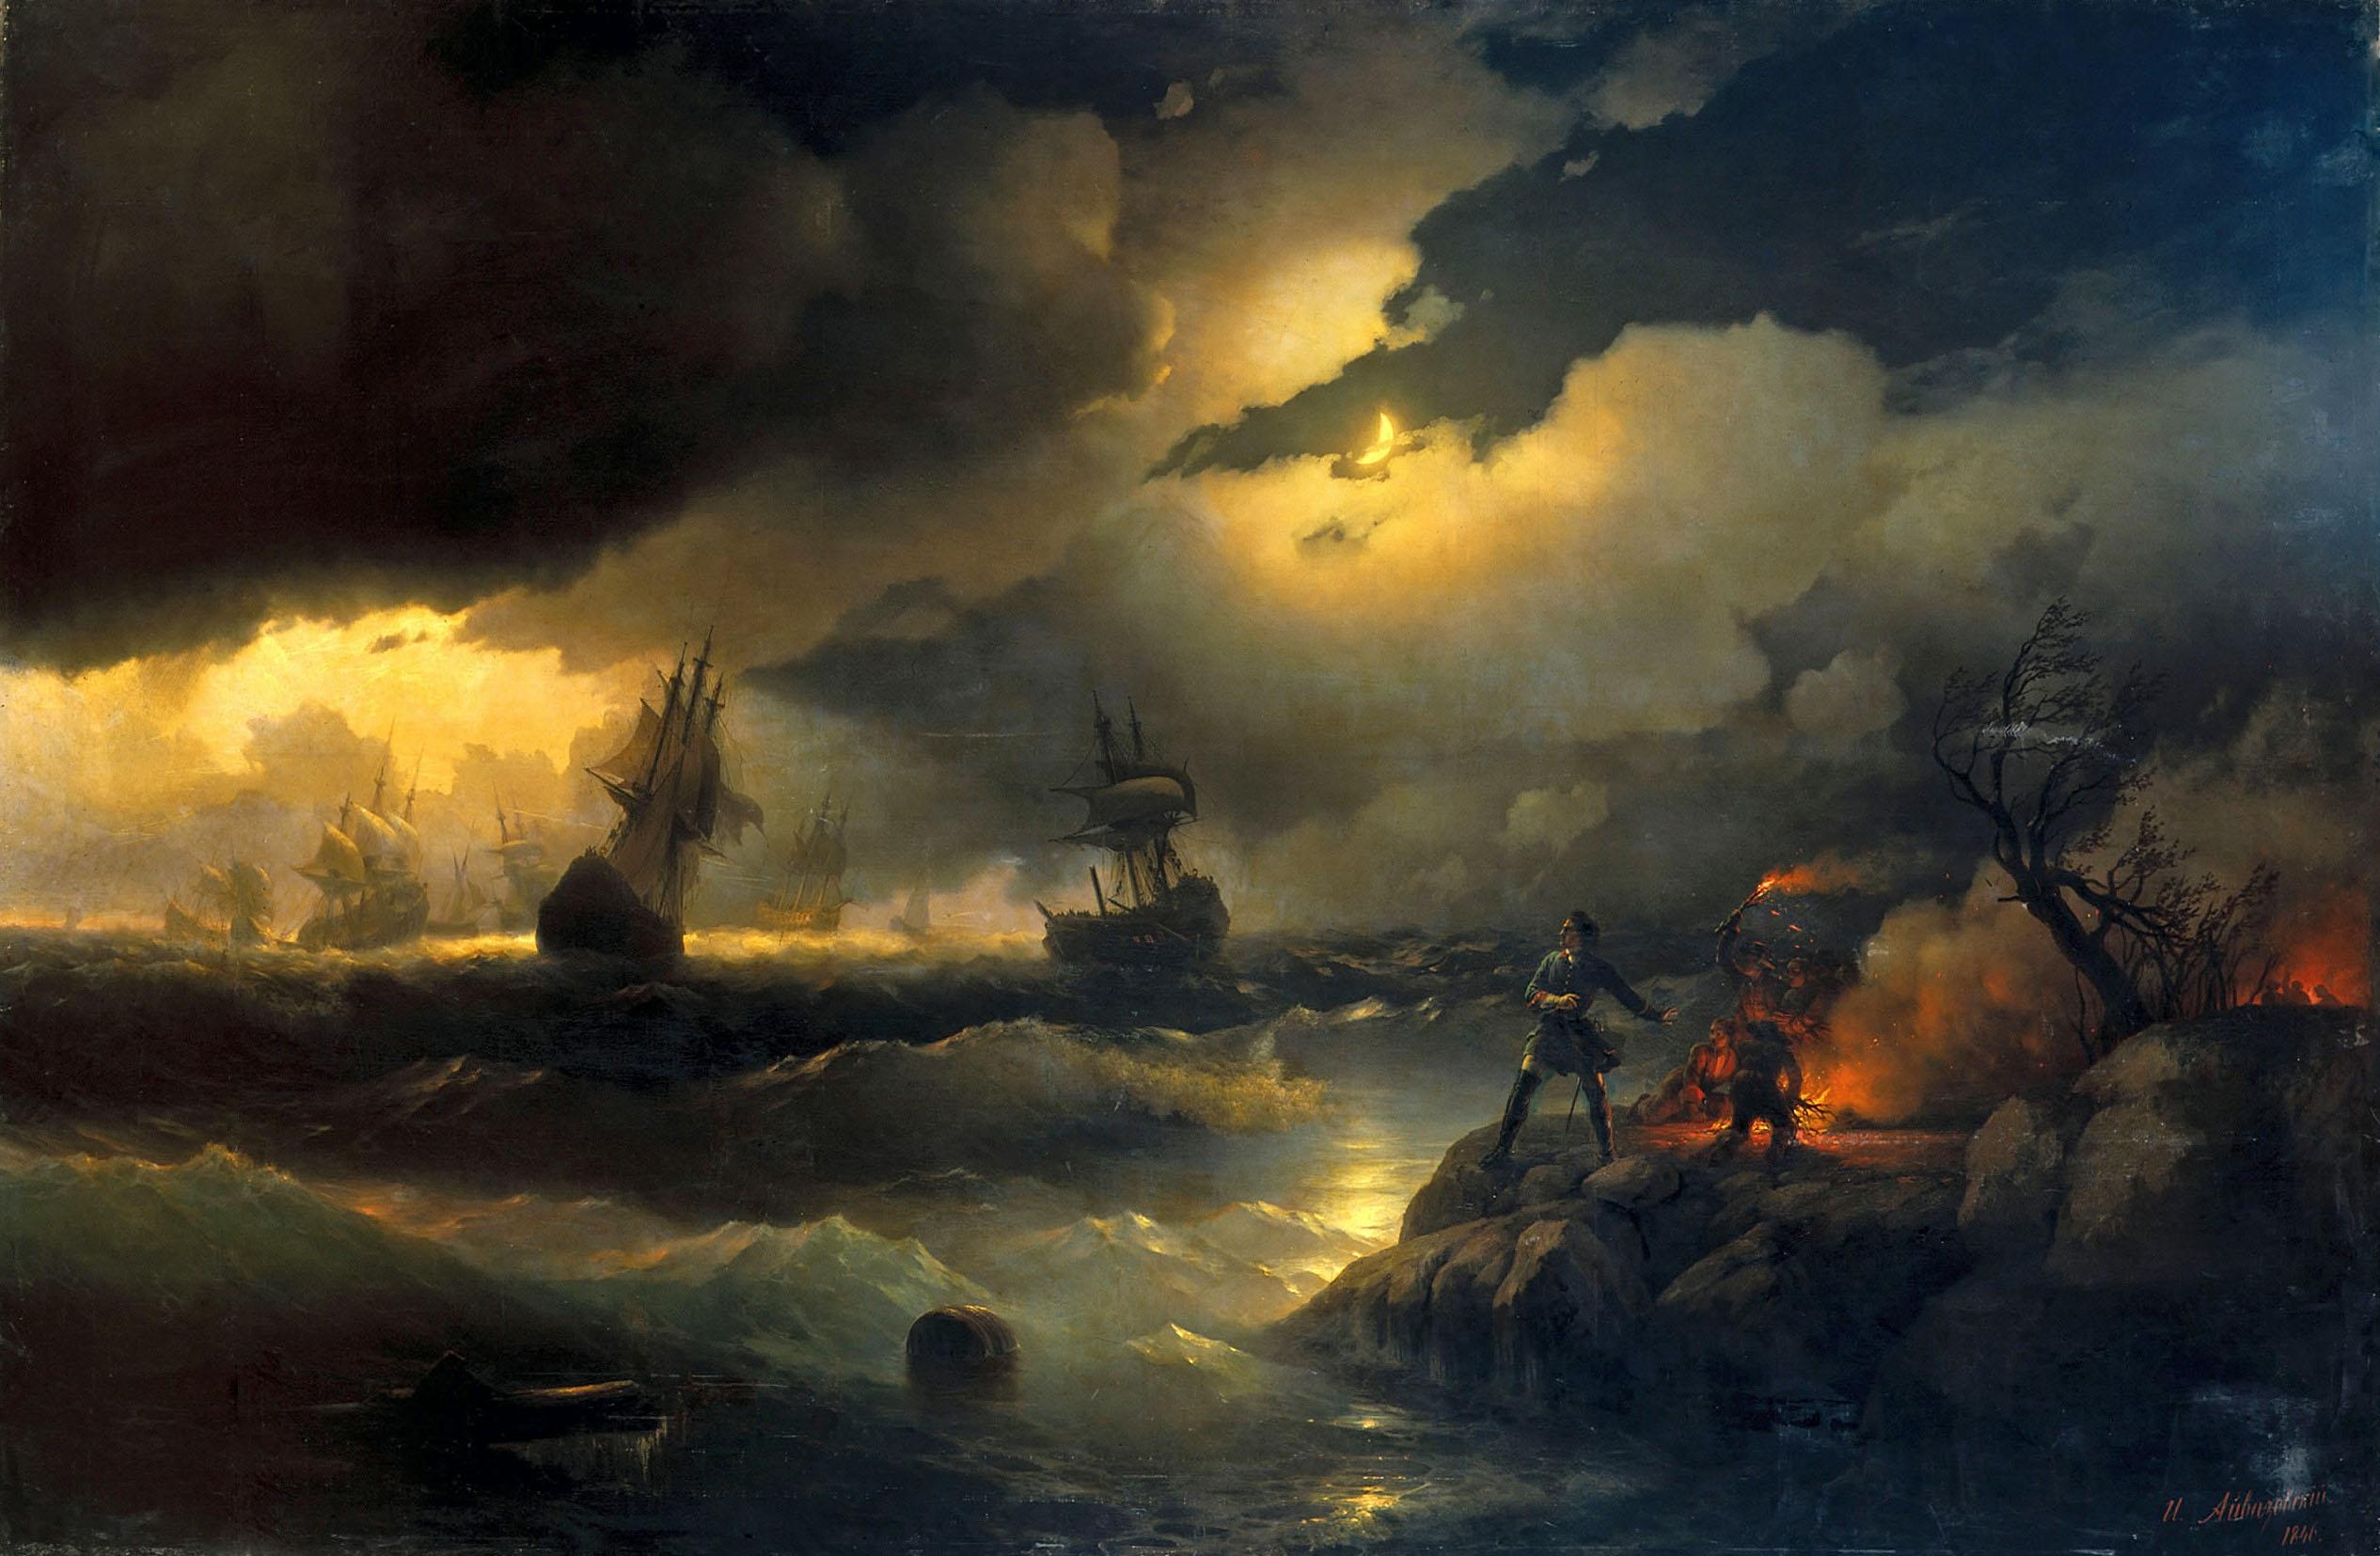 Петр I при Красной Горке, зажигающий костёр на берегу для подачи сигнала гибнущим судам своим, И.К.Айвазовский